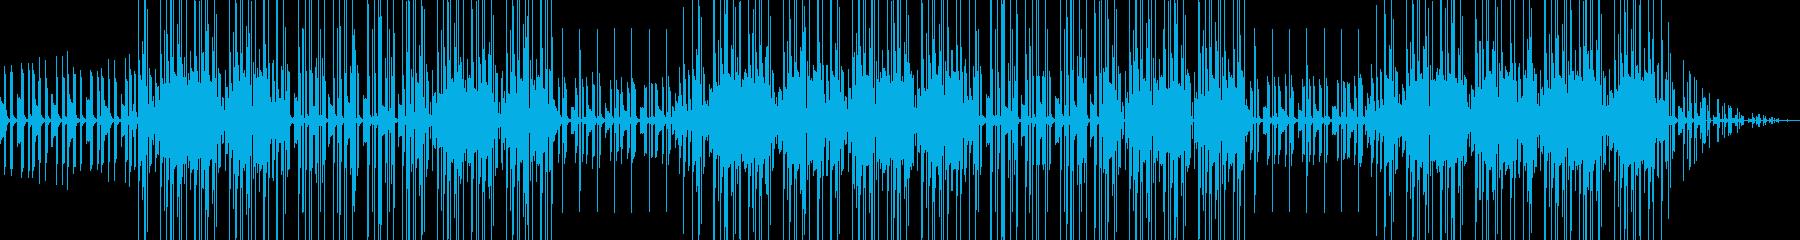 vlogおしゃれチルhiphopのビートの再生済みの波形